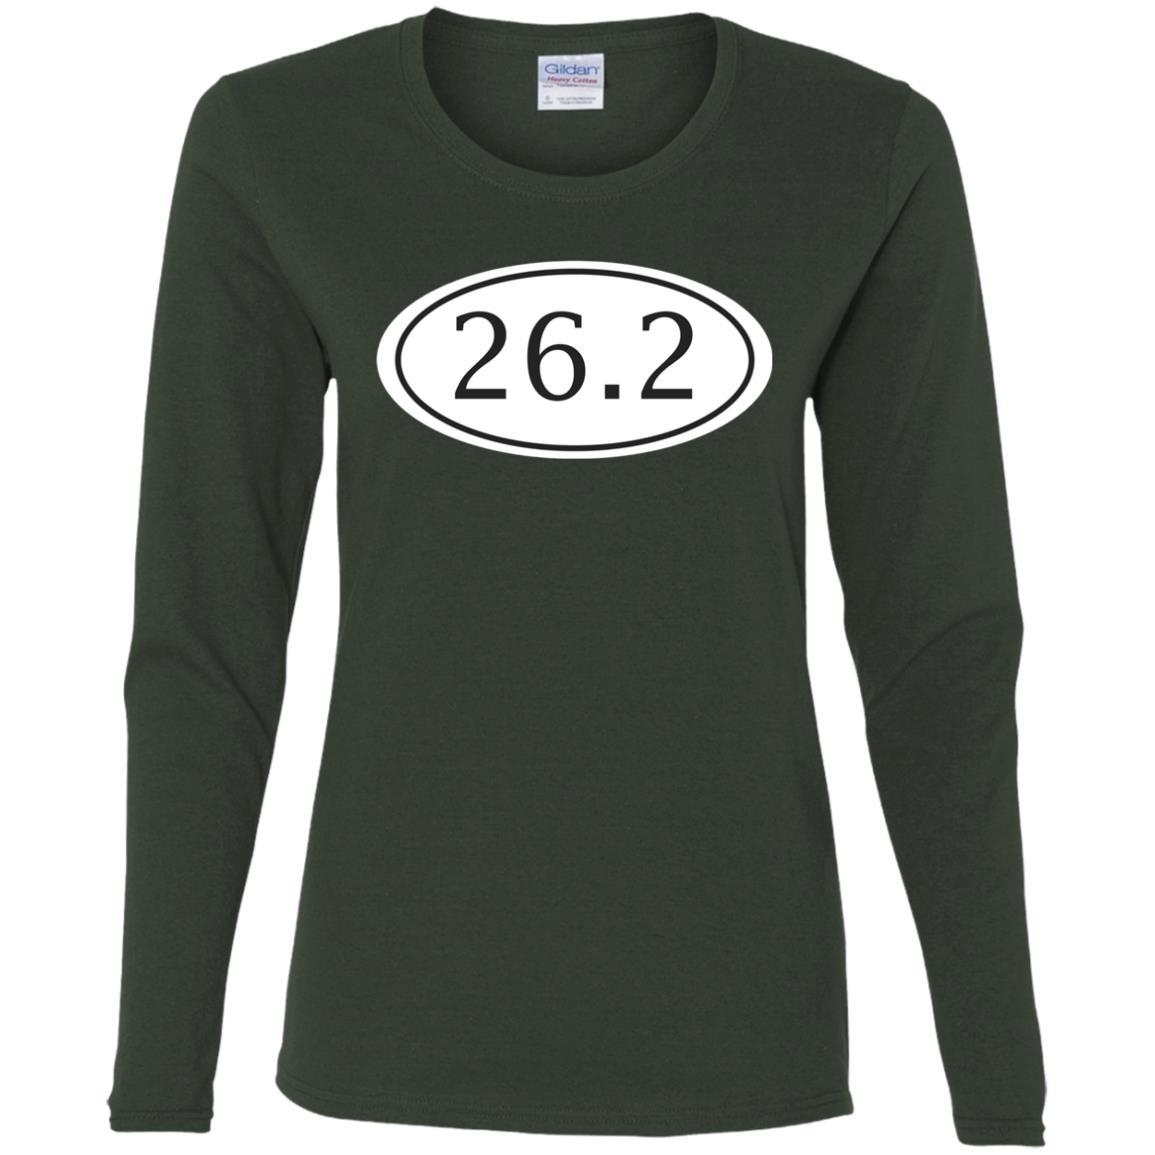 26.2 Marathon – Runner's for Marathoners Women Long Sleeve T-Shirt